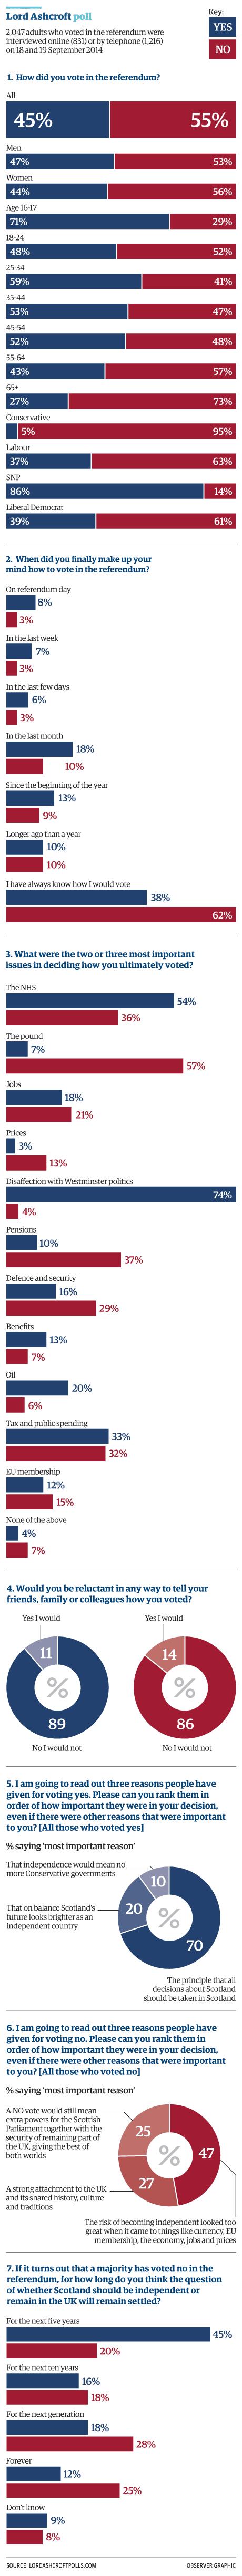 gu Scot poll